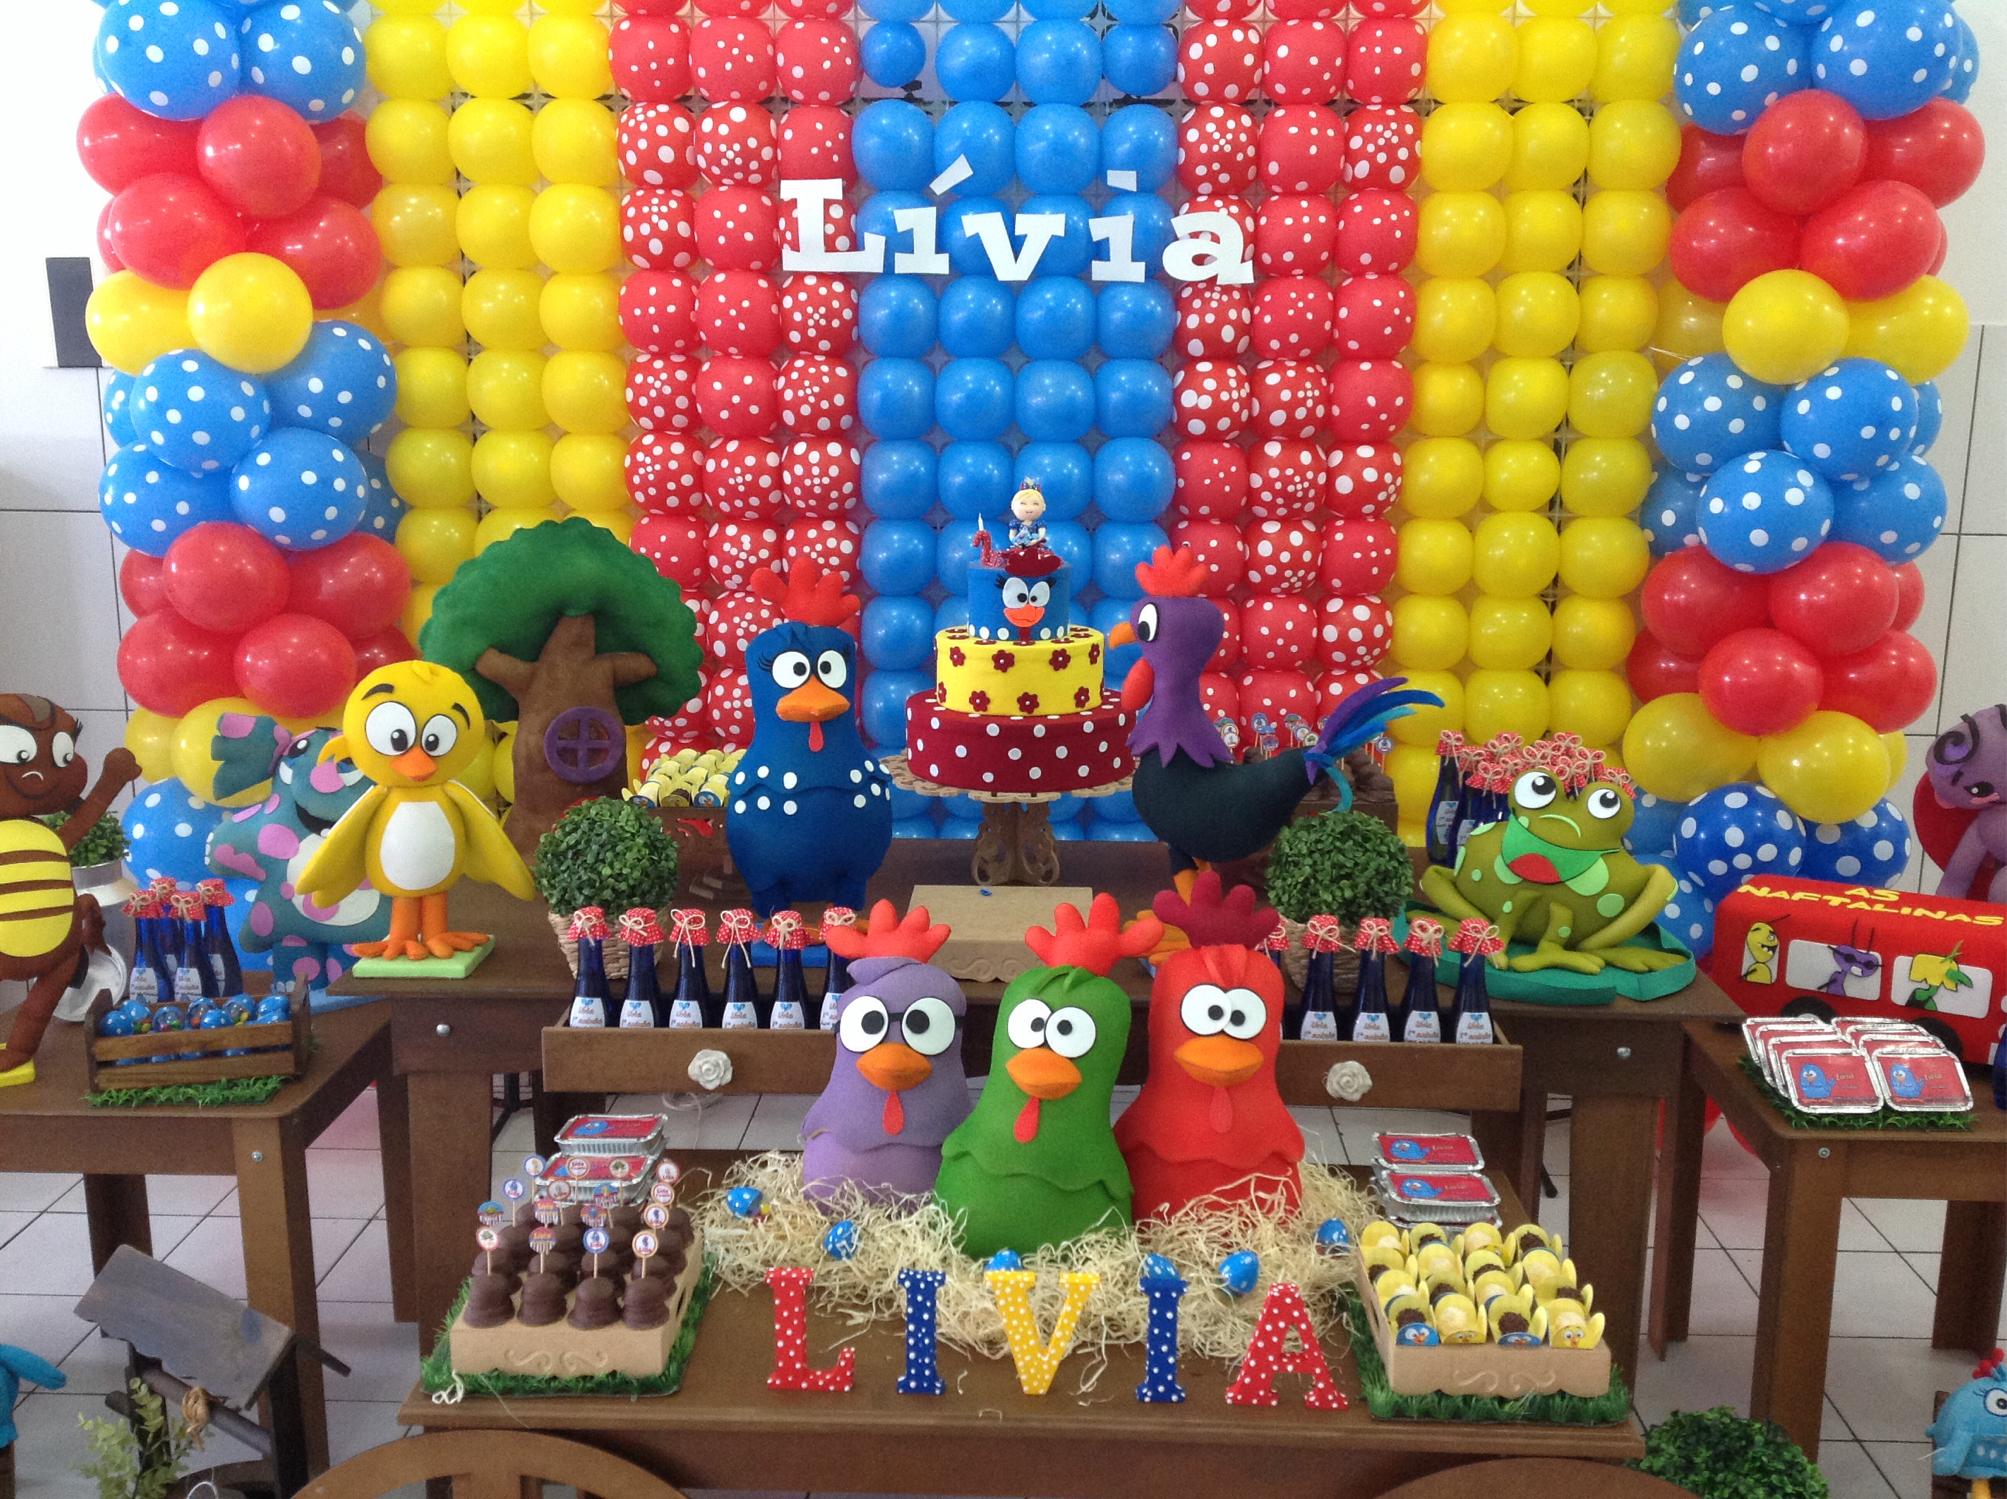 Festa Galinha Pintadinha Baú de Menino # Decoração Festa Infantil Galinha Pintadinha Simples